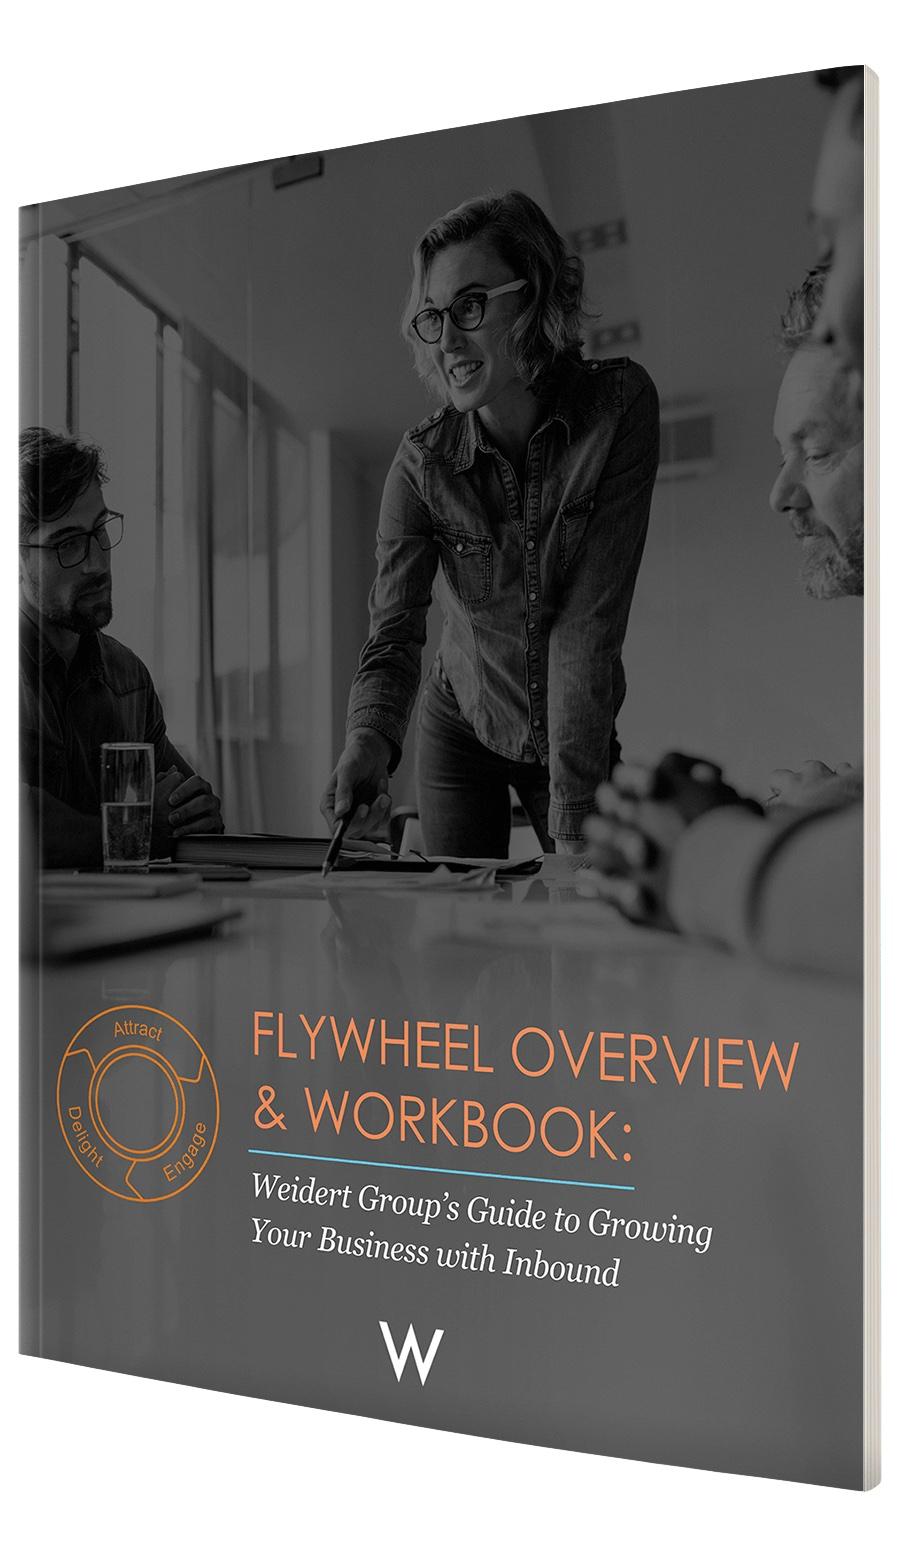 INBOUND FLYWHEEL OVERVIEW & WORKBOOK